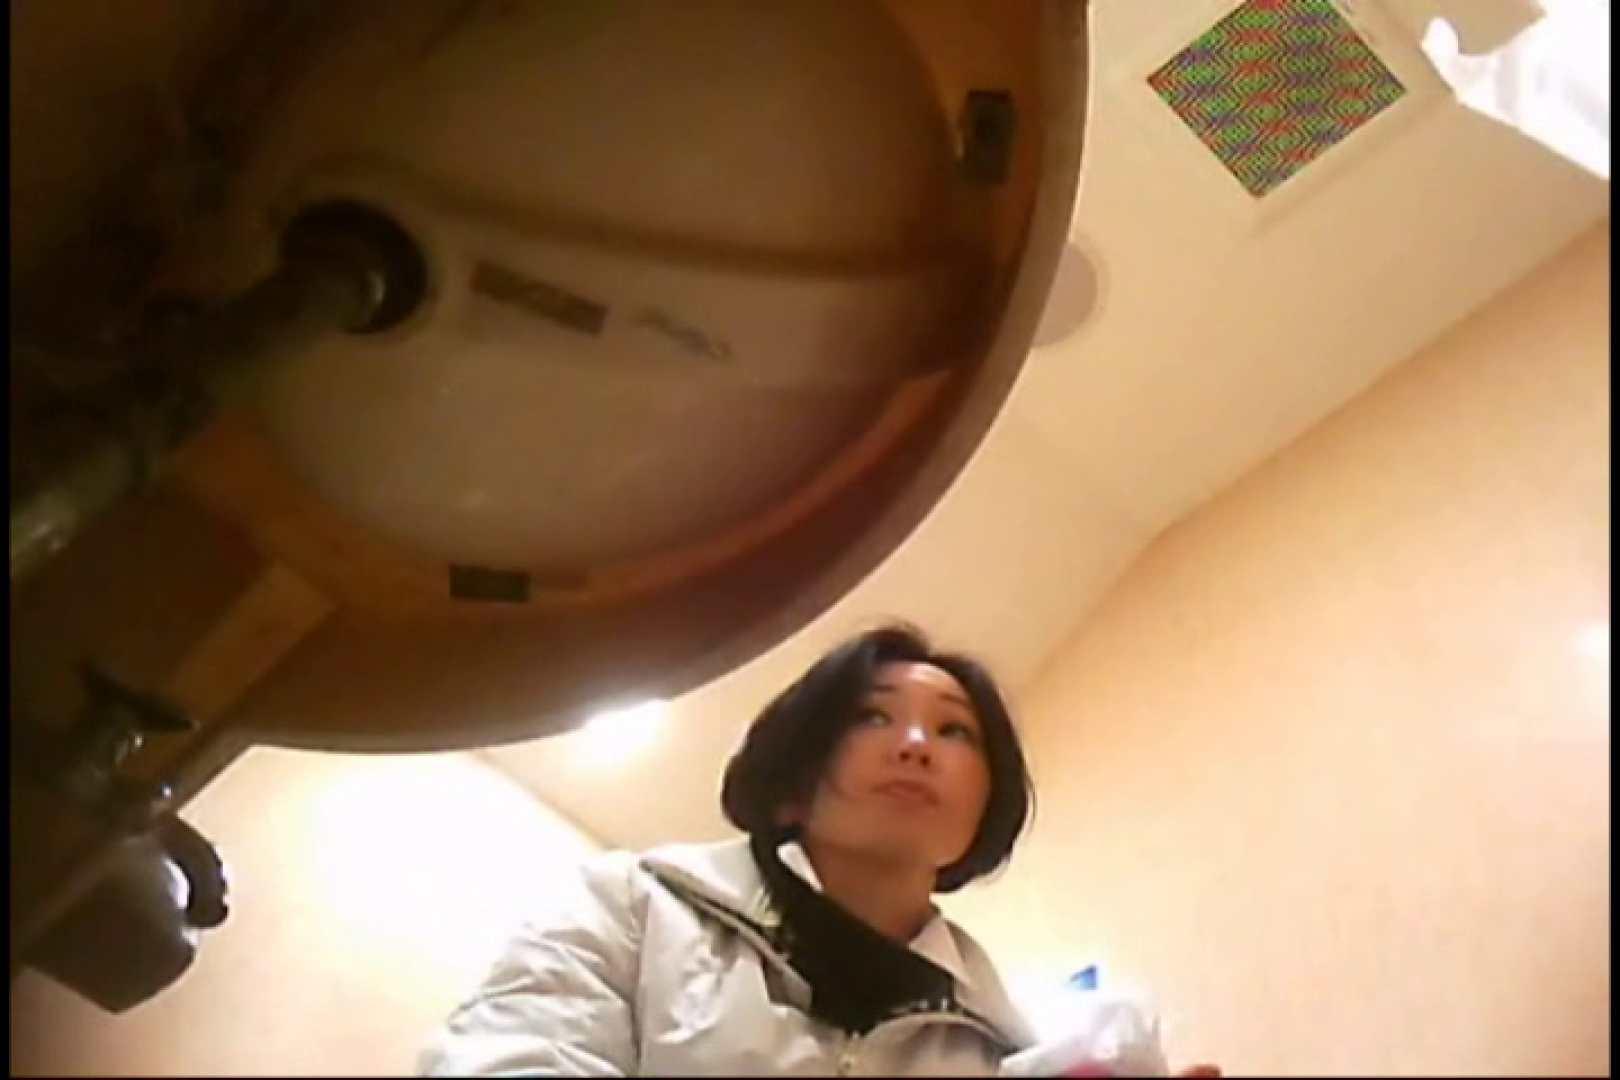 画質向上!新亀さん厠 vol.02 潜入突撃 盗み撮り動画キャプチャ 99pic 9